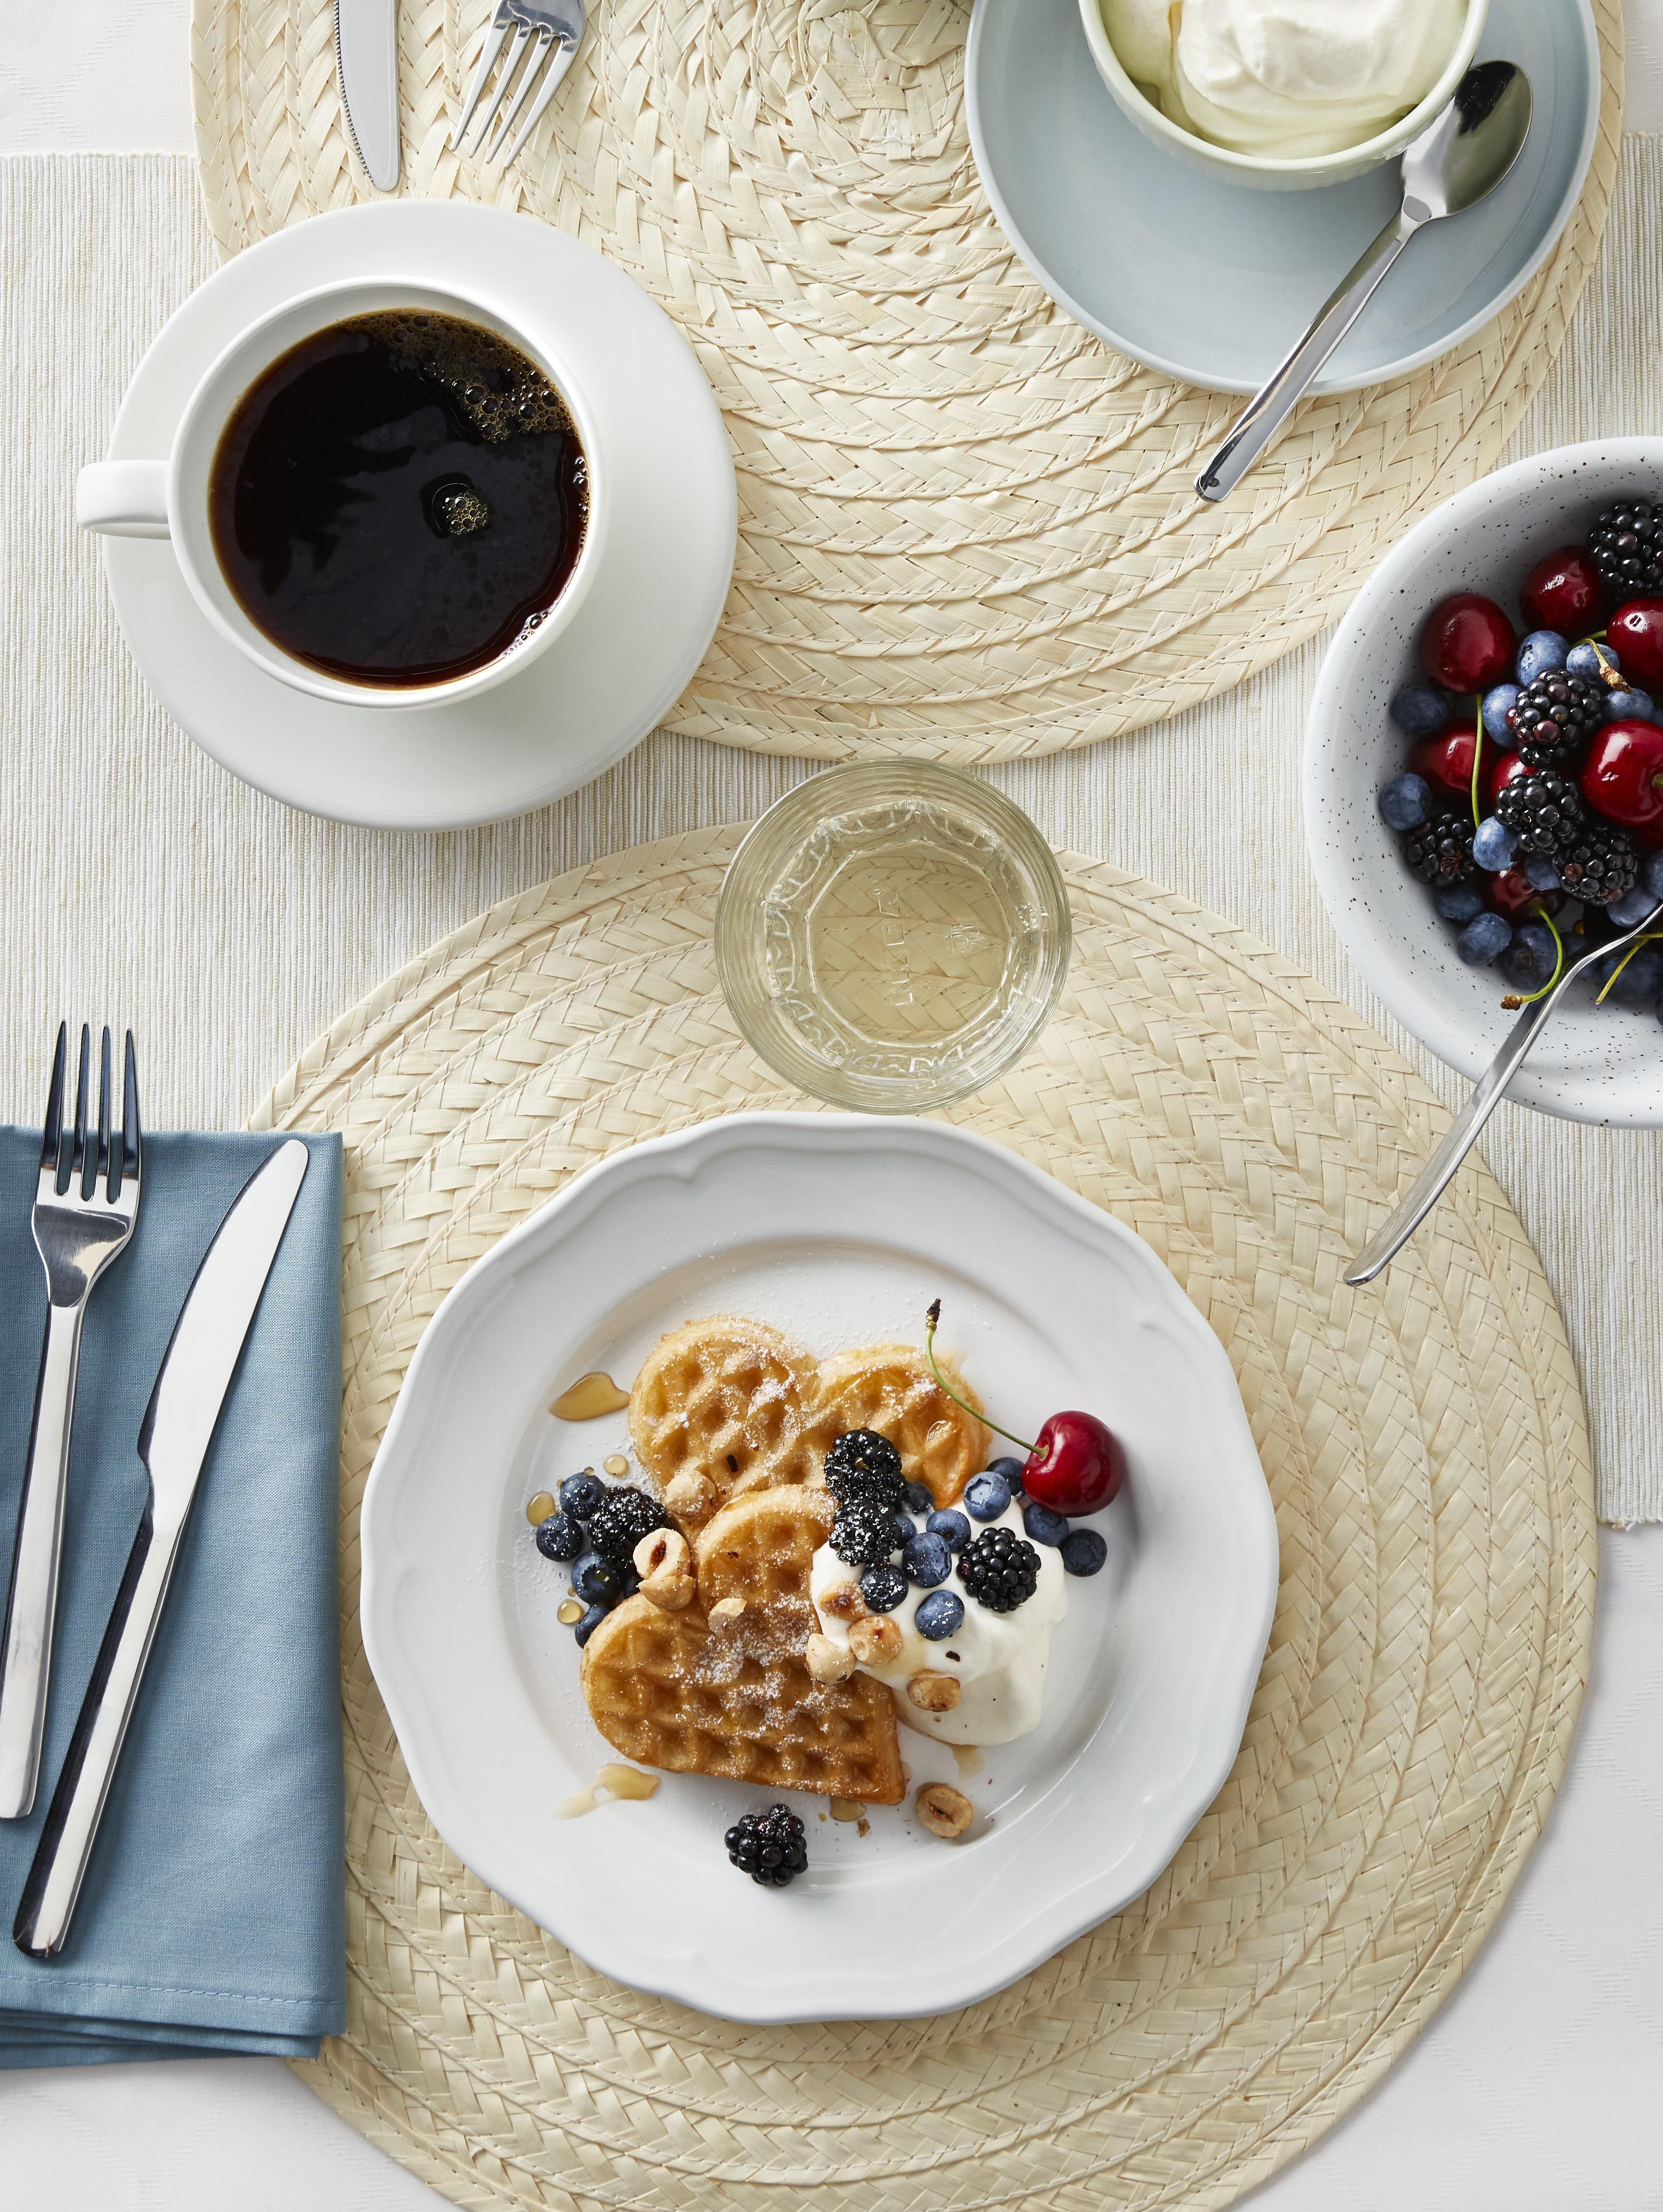 Stol sa četiri SLUTEN podmetača na njemu. Na njima su plave zdjele i tanjuri puni hrane, šalice kave i pribor za jelo.